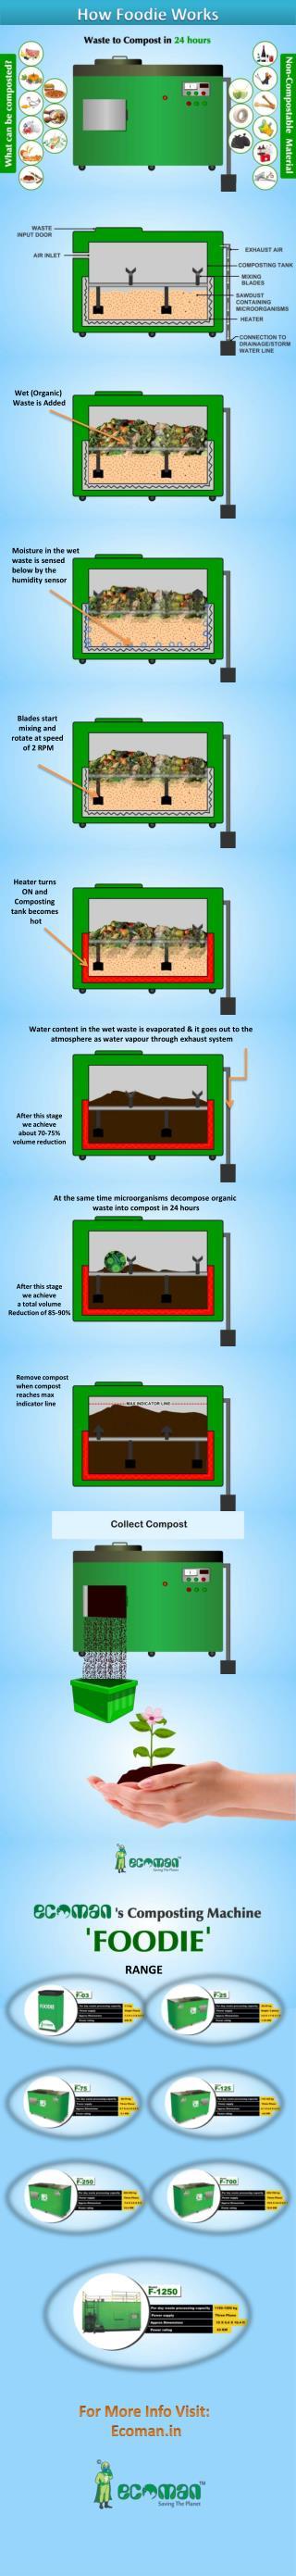 How Foodie Works